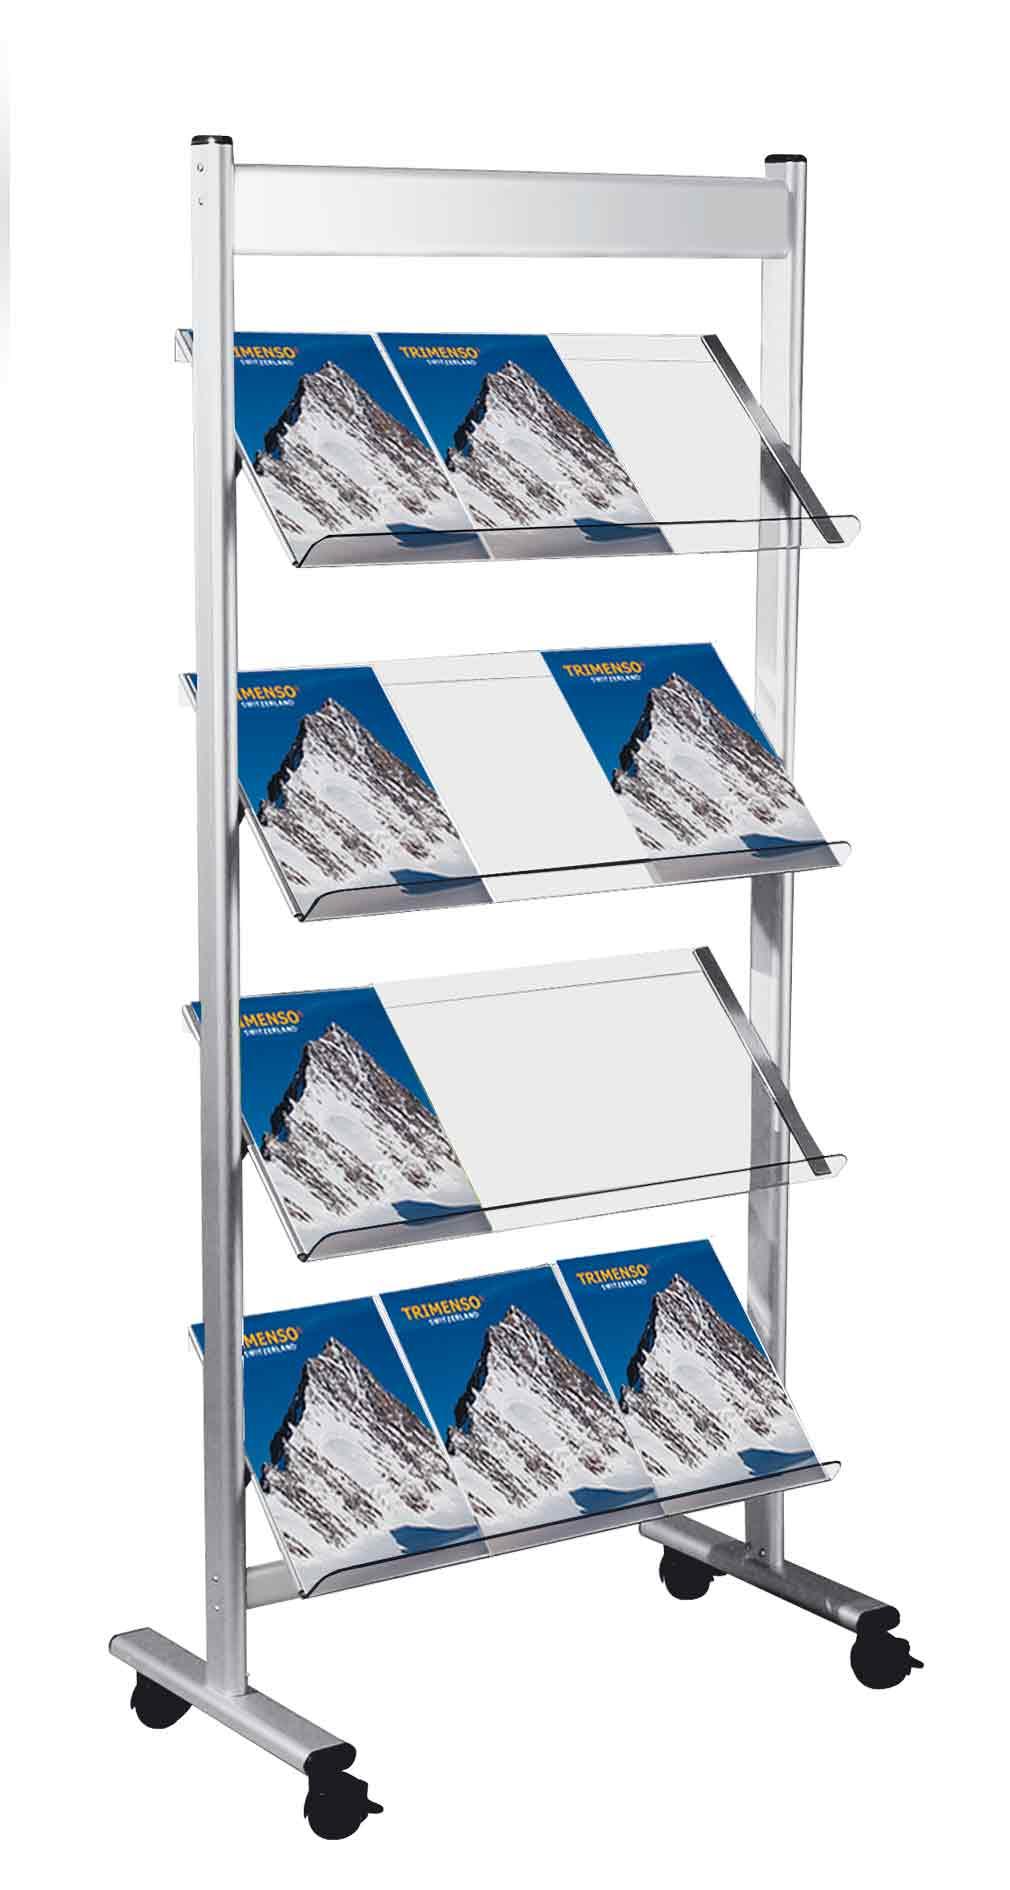 Prospektregal fahrbar für 16 x DIN A4 arretierbaren mit Gelenkrollen